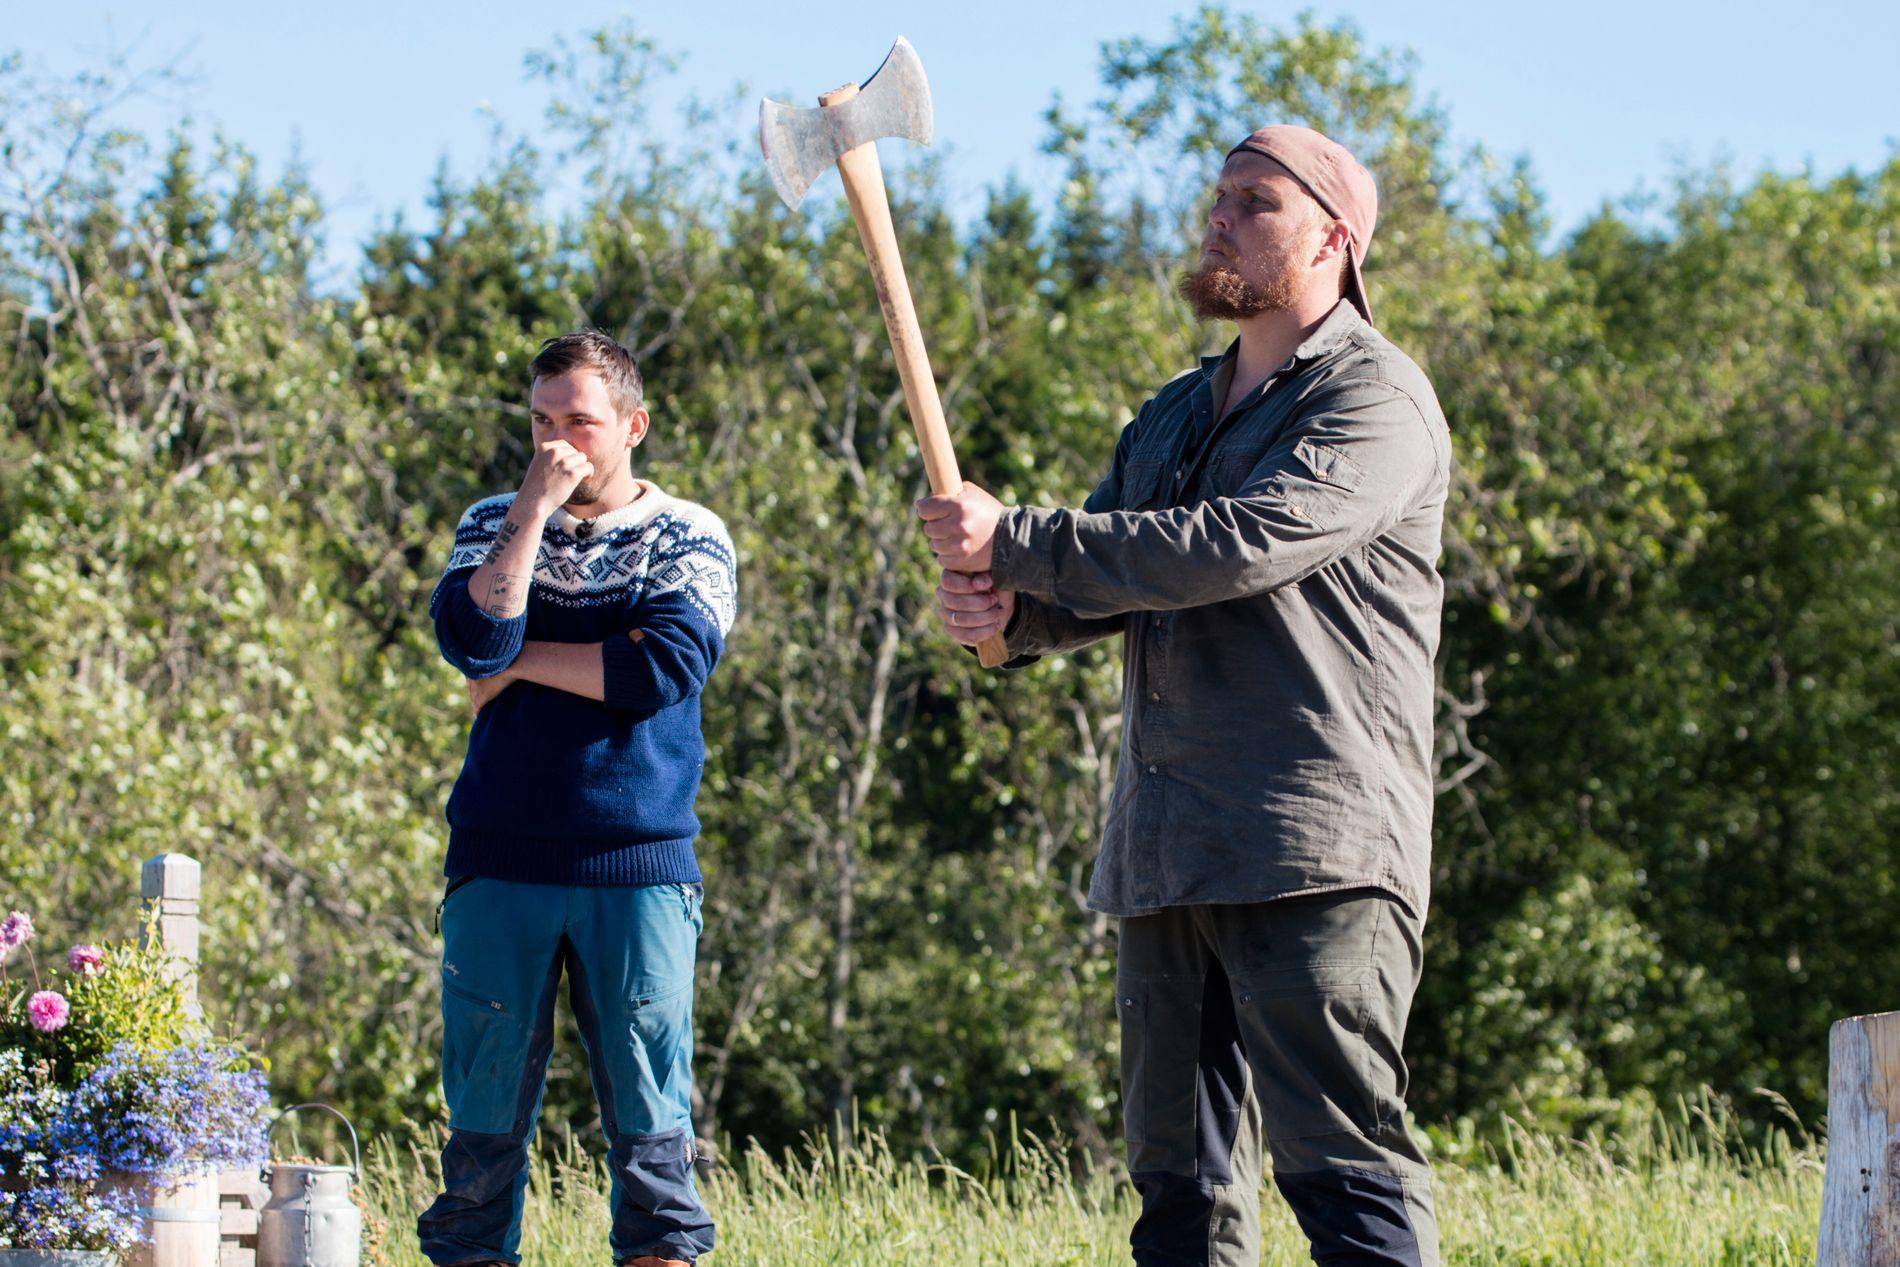 JEVN KAMP: Med et ellevilt siste kast som ga maksscore vant Stian «Staysman» Thorbjørnsen søndagens tvekamp mot Dennis Vareide.